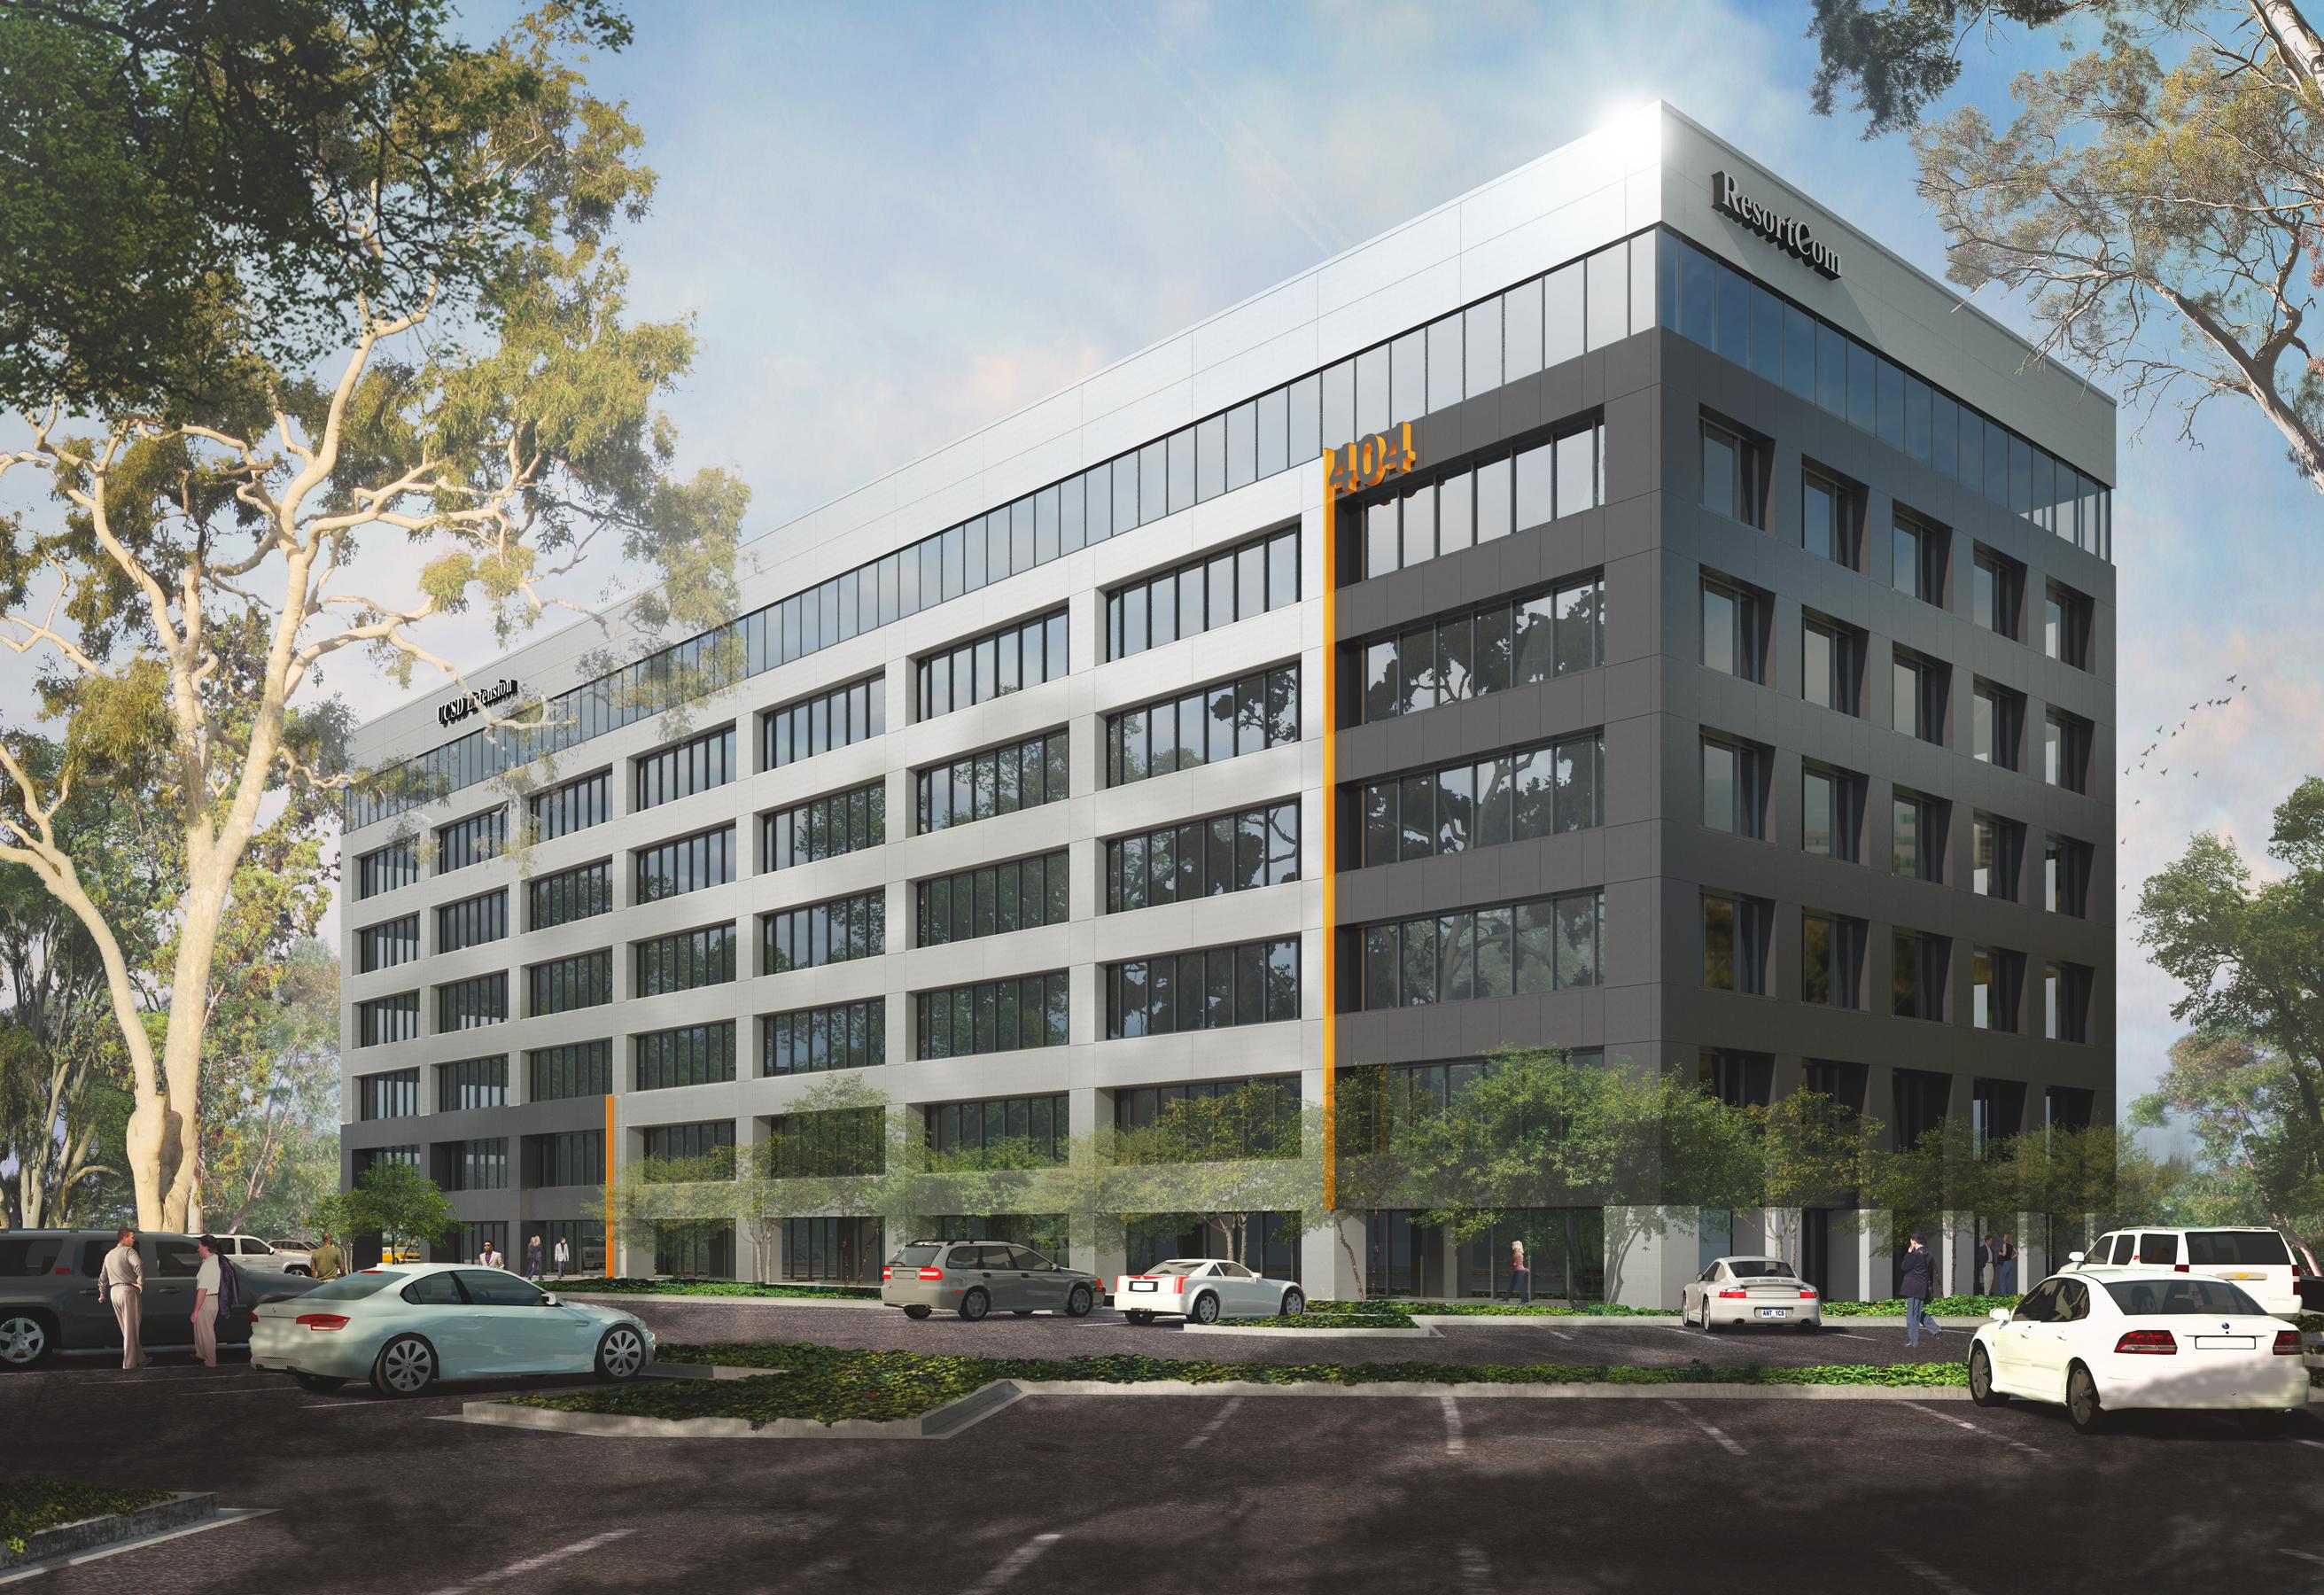 000 open studio architecture Brookwood Crossroads 404 rendering OSA